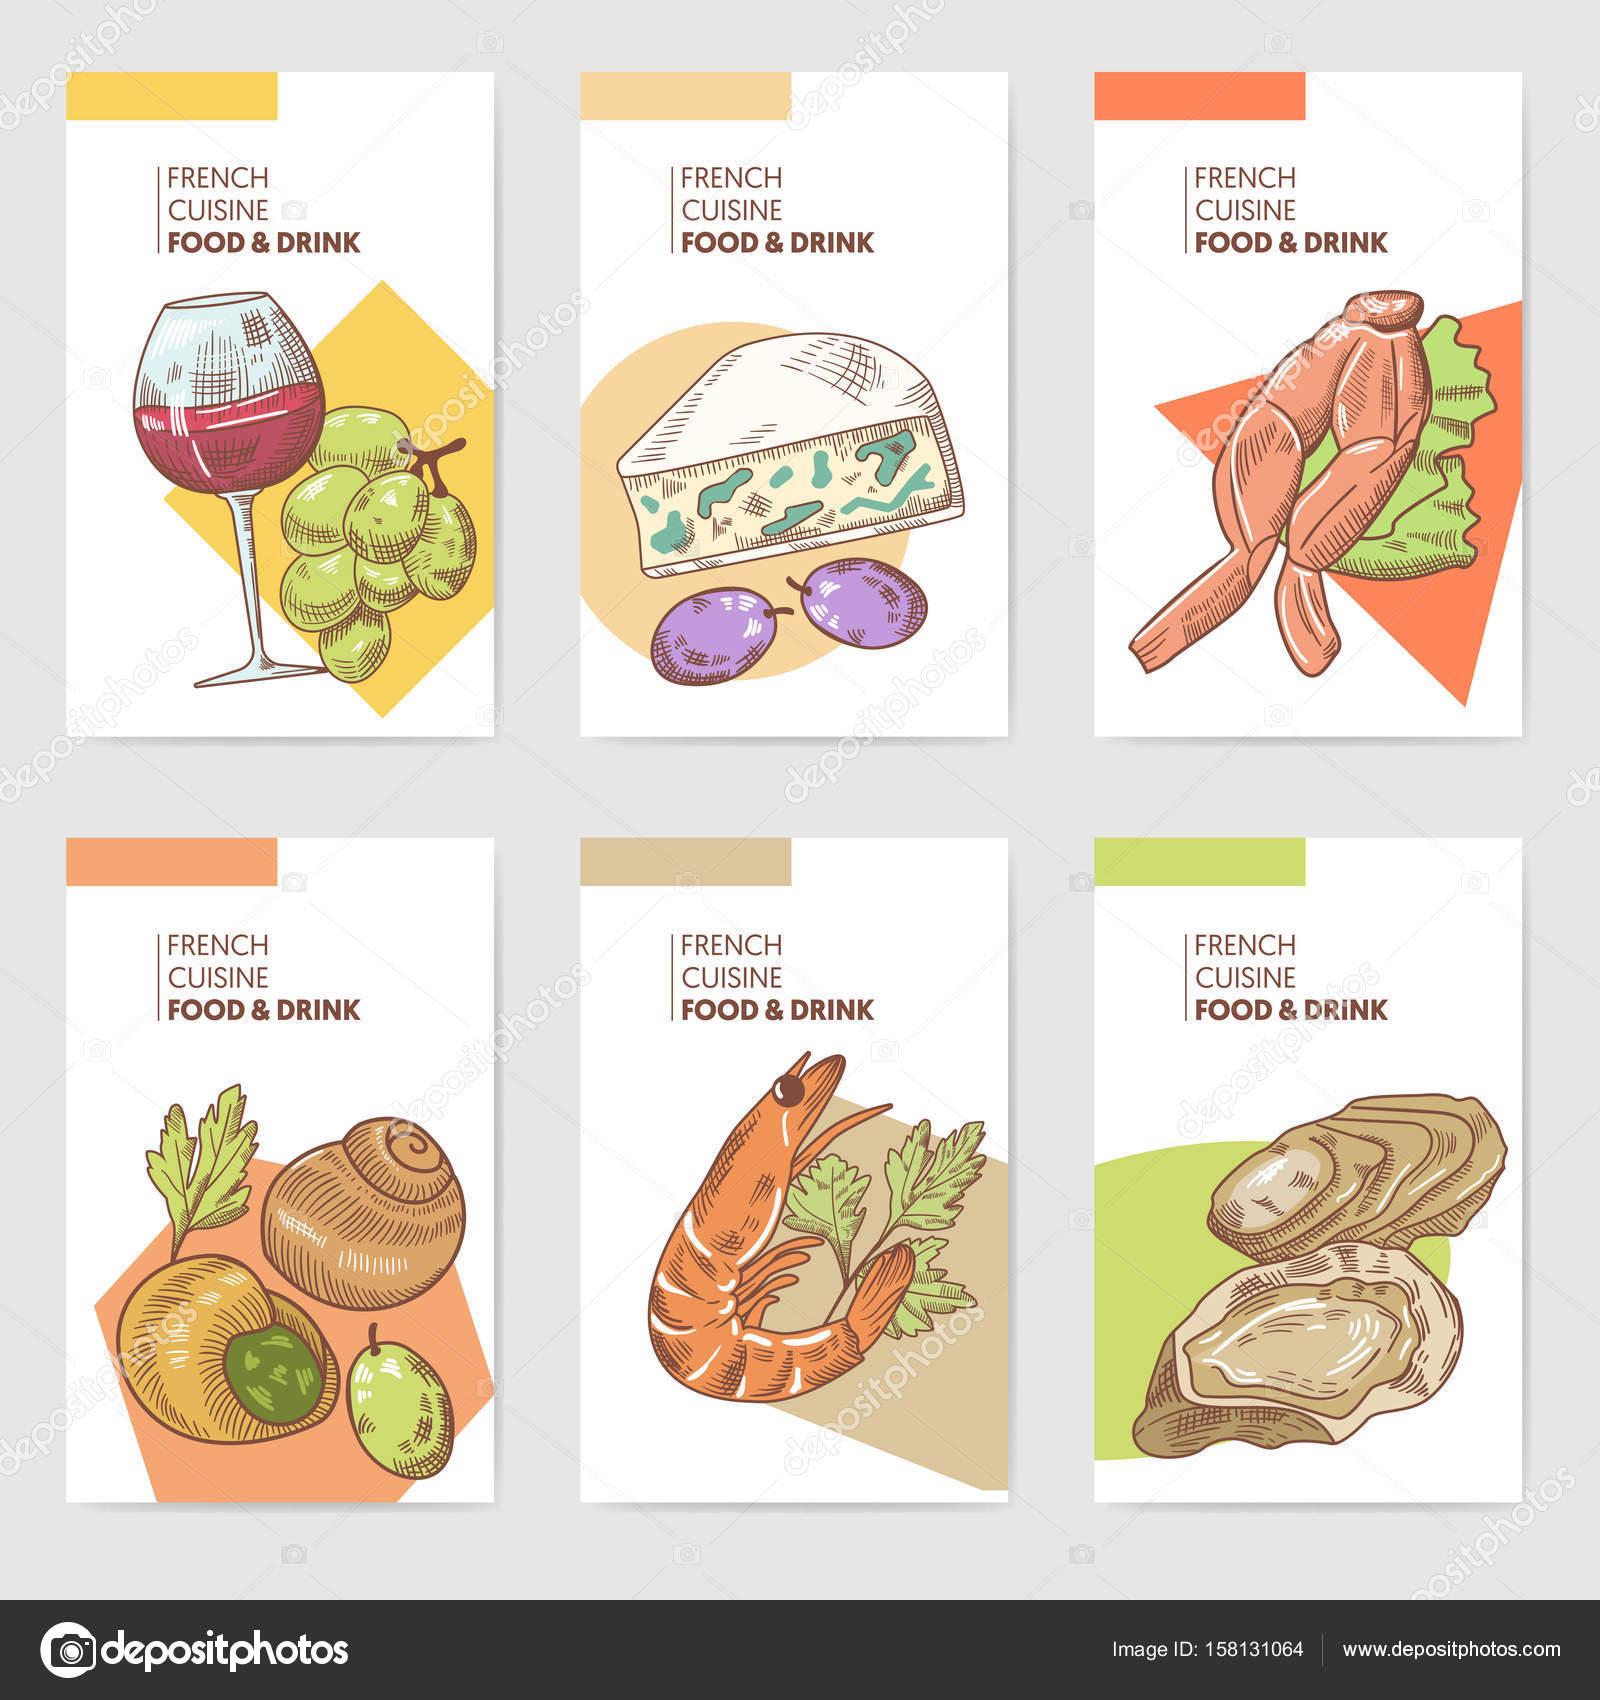 Französische Küche handgezeichnete Karten Broschüre Menü mit Wein ...